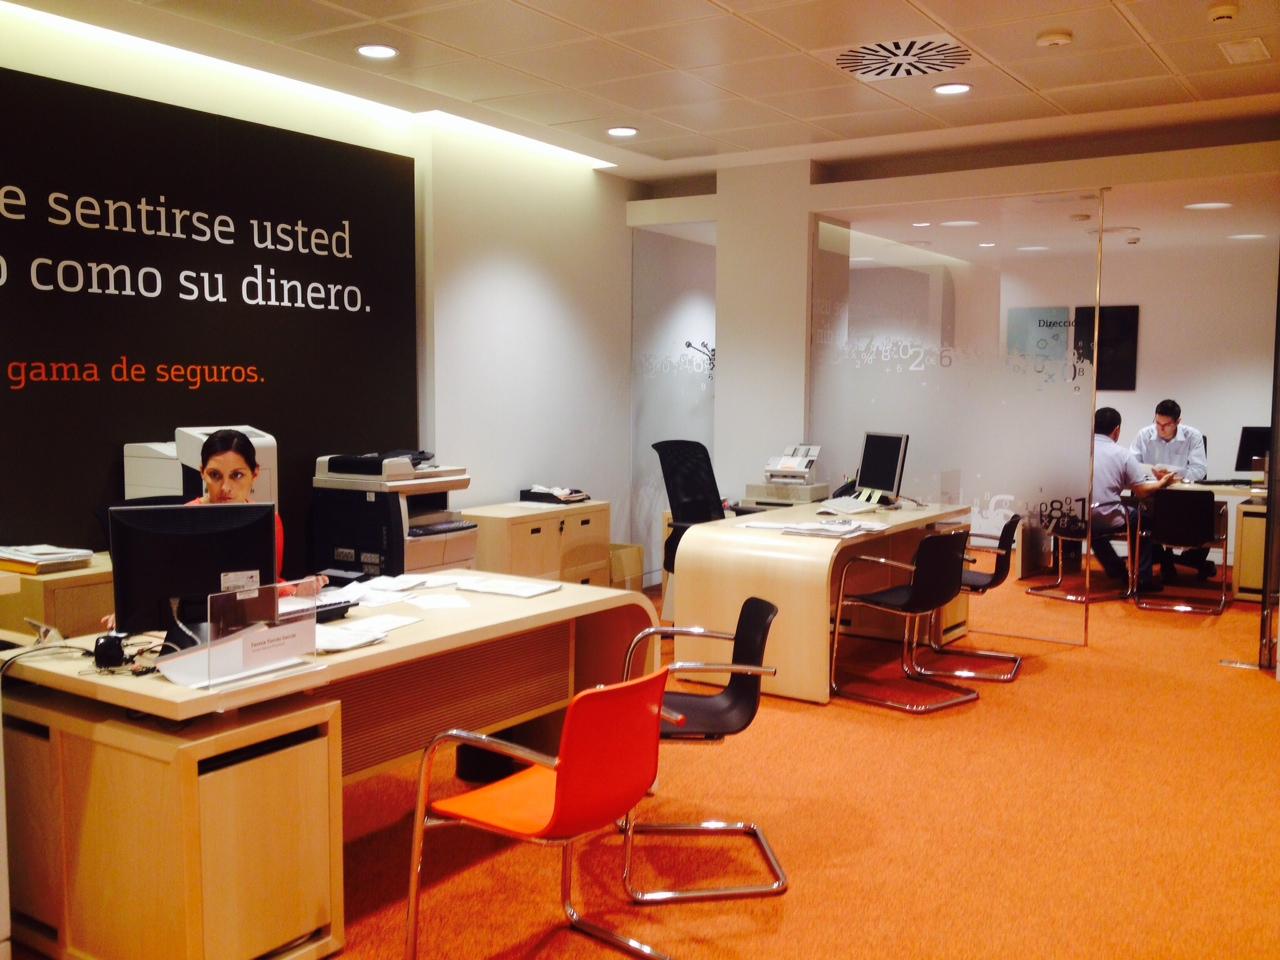 Entrega oficina bankinter en alzira bojuna for Oficinas de bankinter en madrid